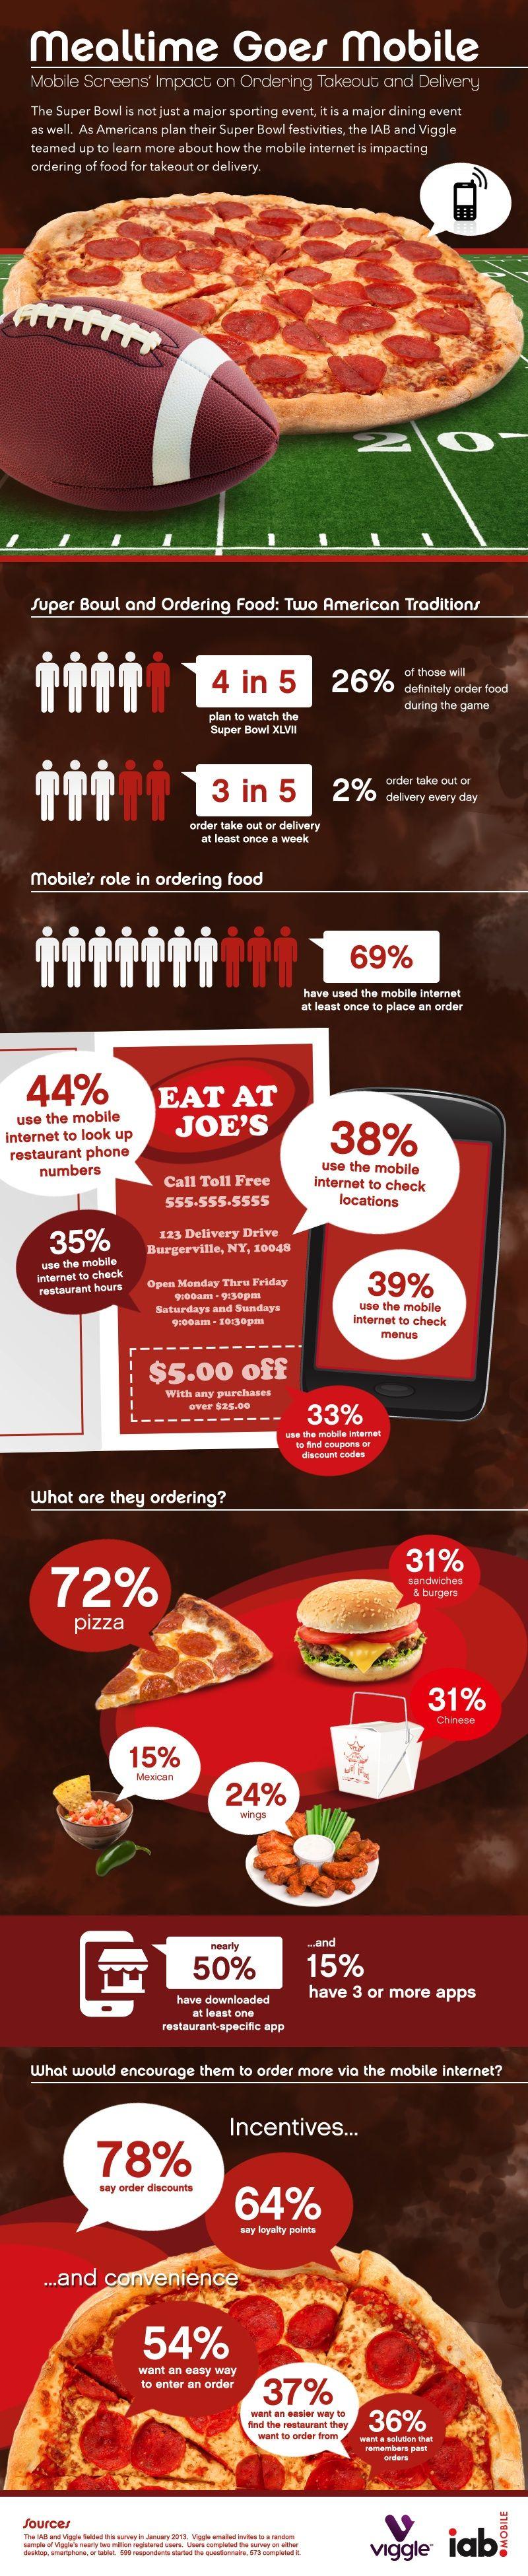 Qsr Mobile Marketing Statistics Mobile Marketing Marketing Statistics Mobile Marketing Infographics